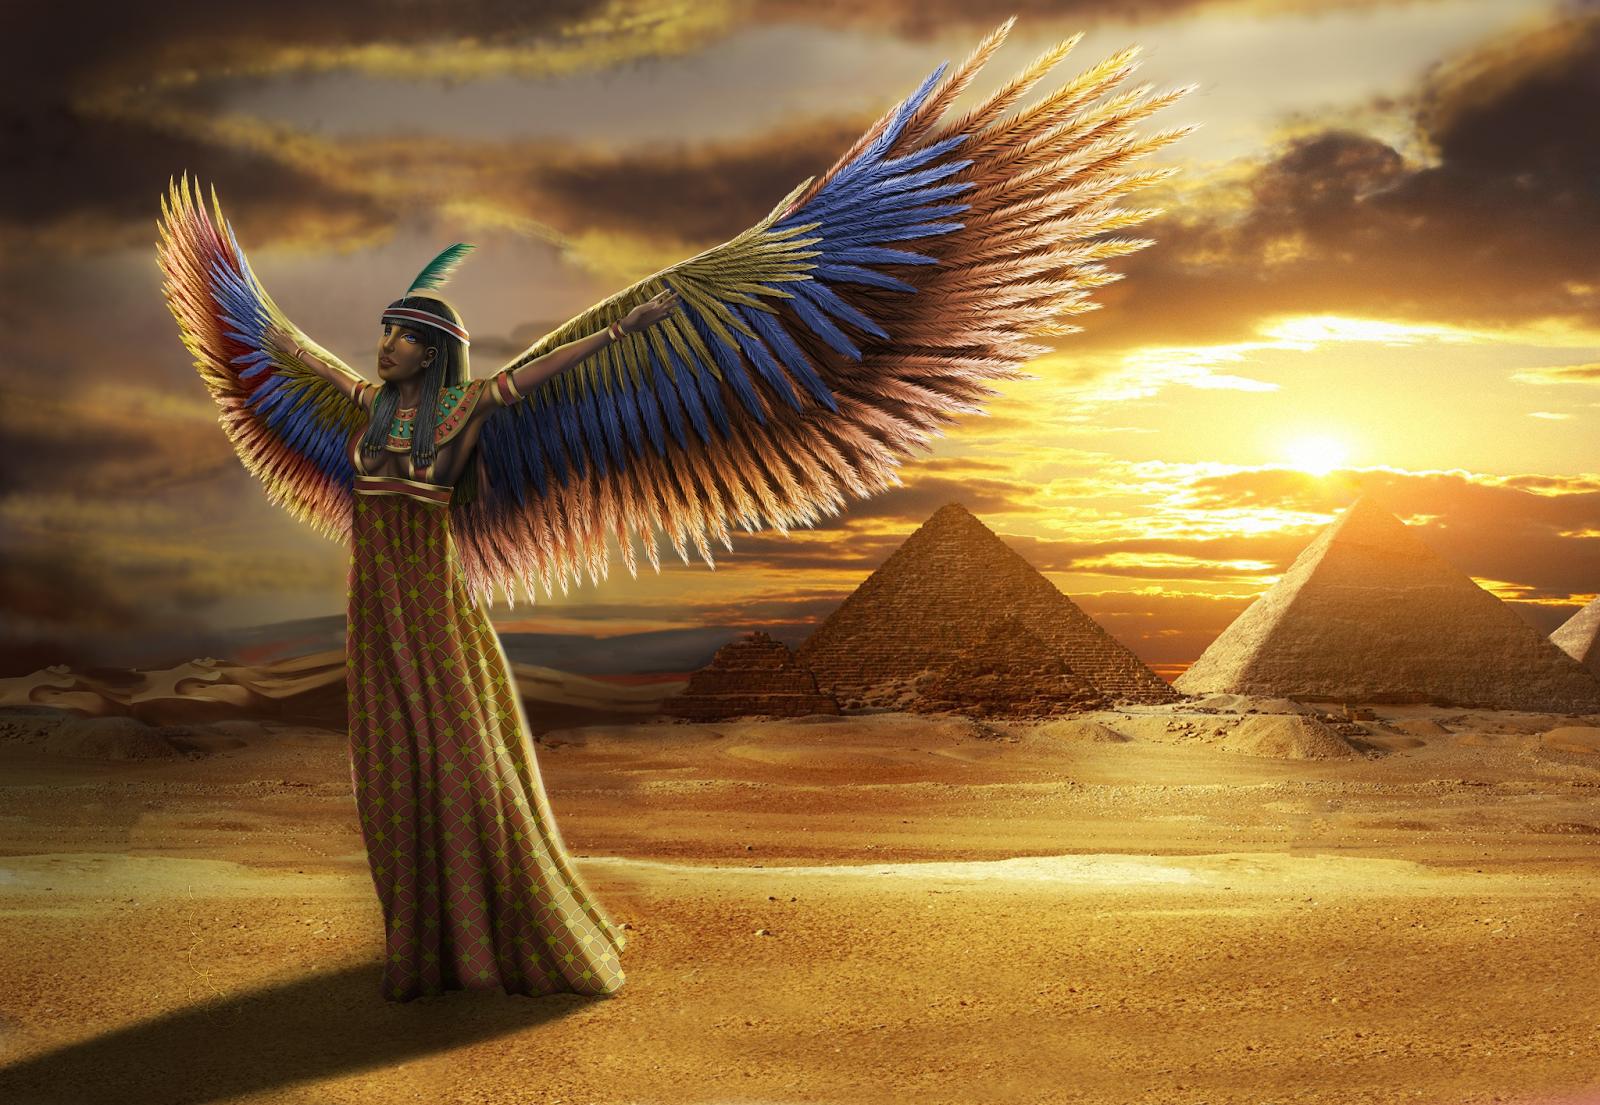 Isis diosa egipcia buscar con google de todo for 3d wallpaper for home egypt